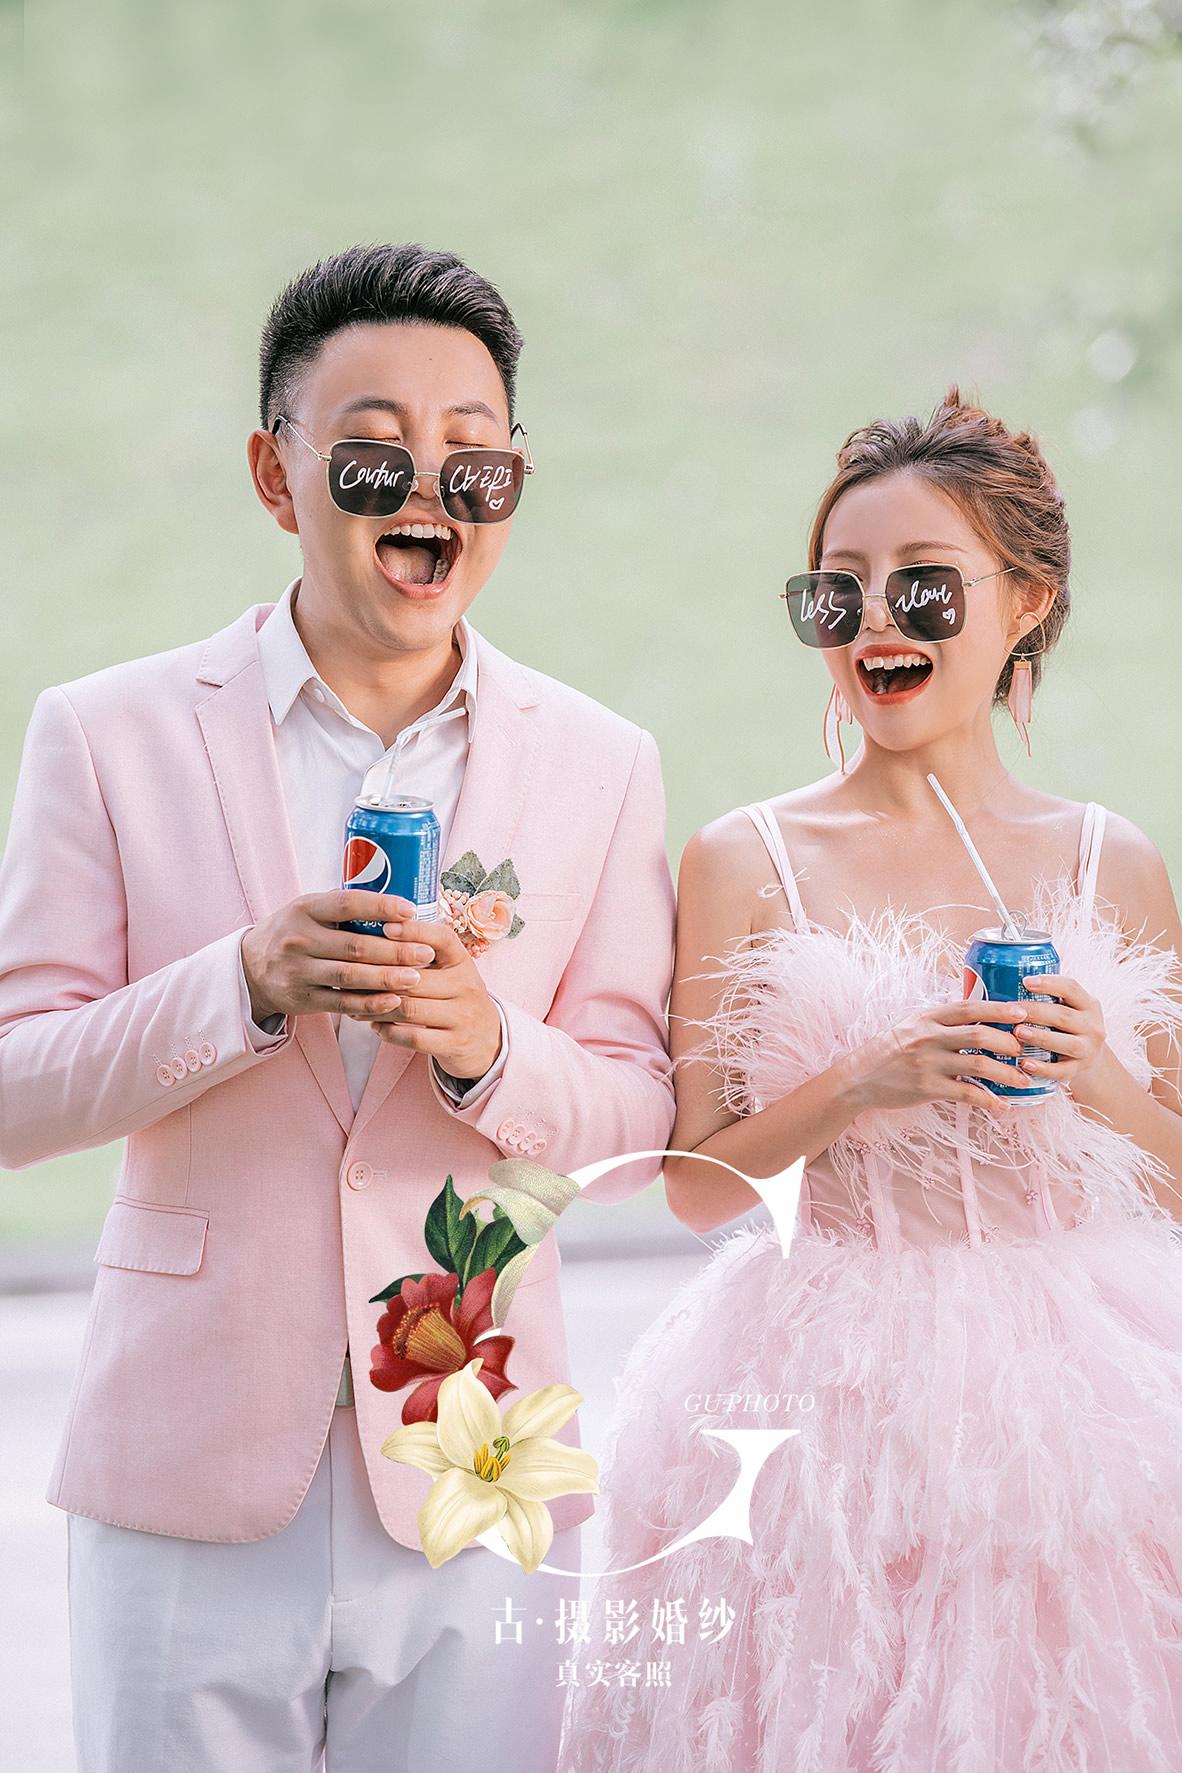 廖小姐夫妇 - 每日客照 - 古摄影婚纱艺术-古摄影成都婚纱摄影艺术摄影网